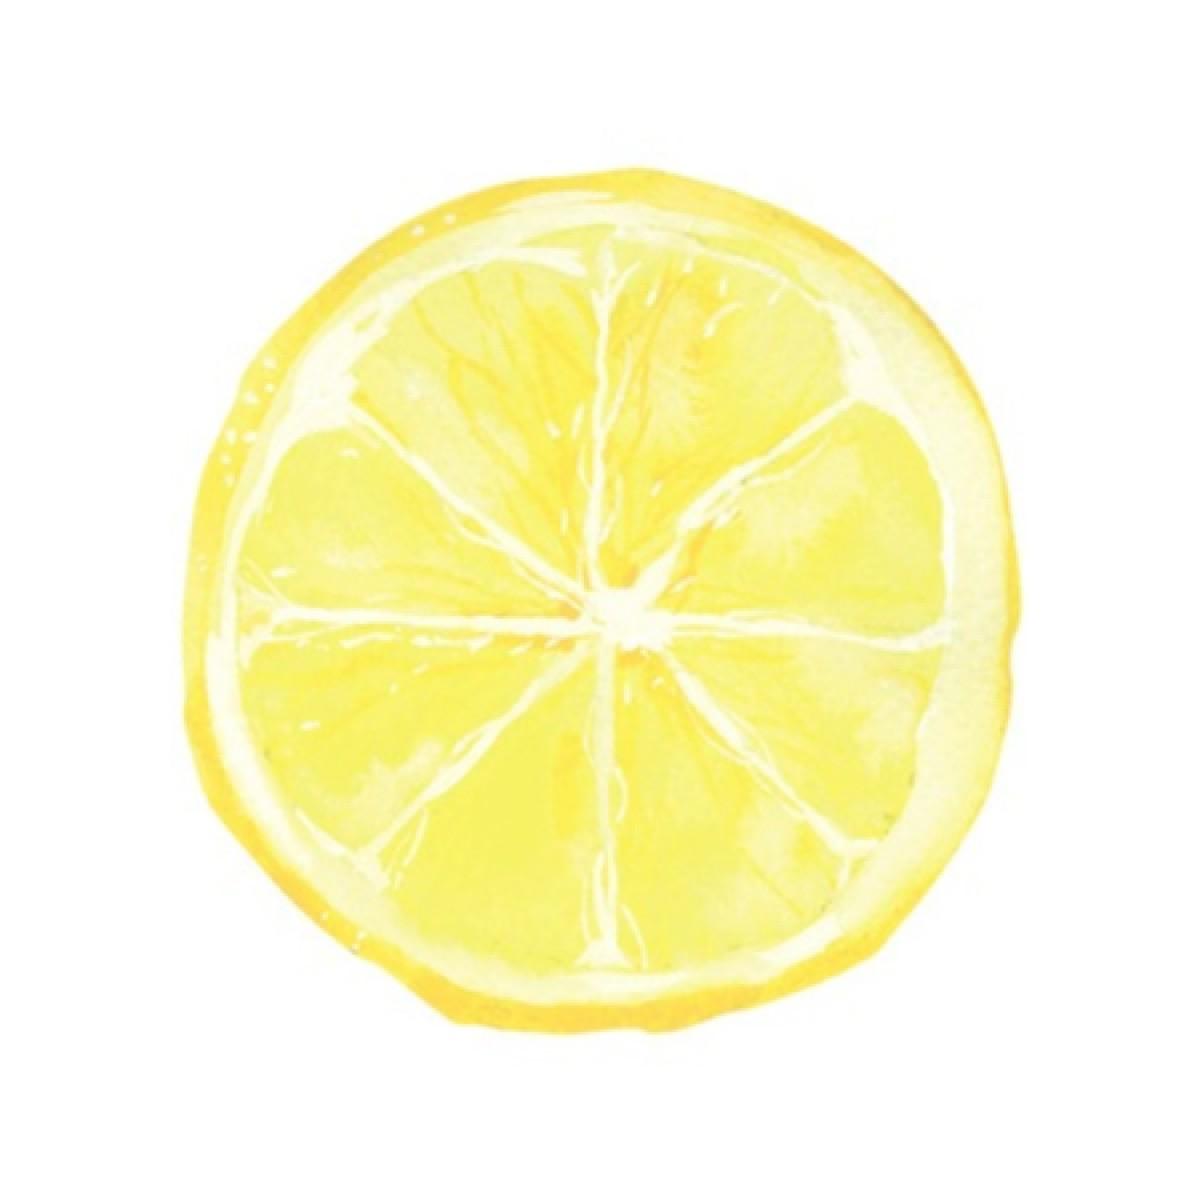 Lemon Slice Whiteboard Sticker